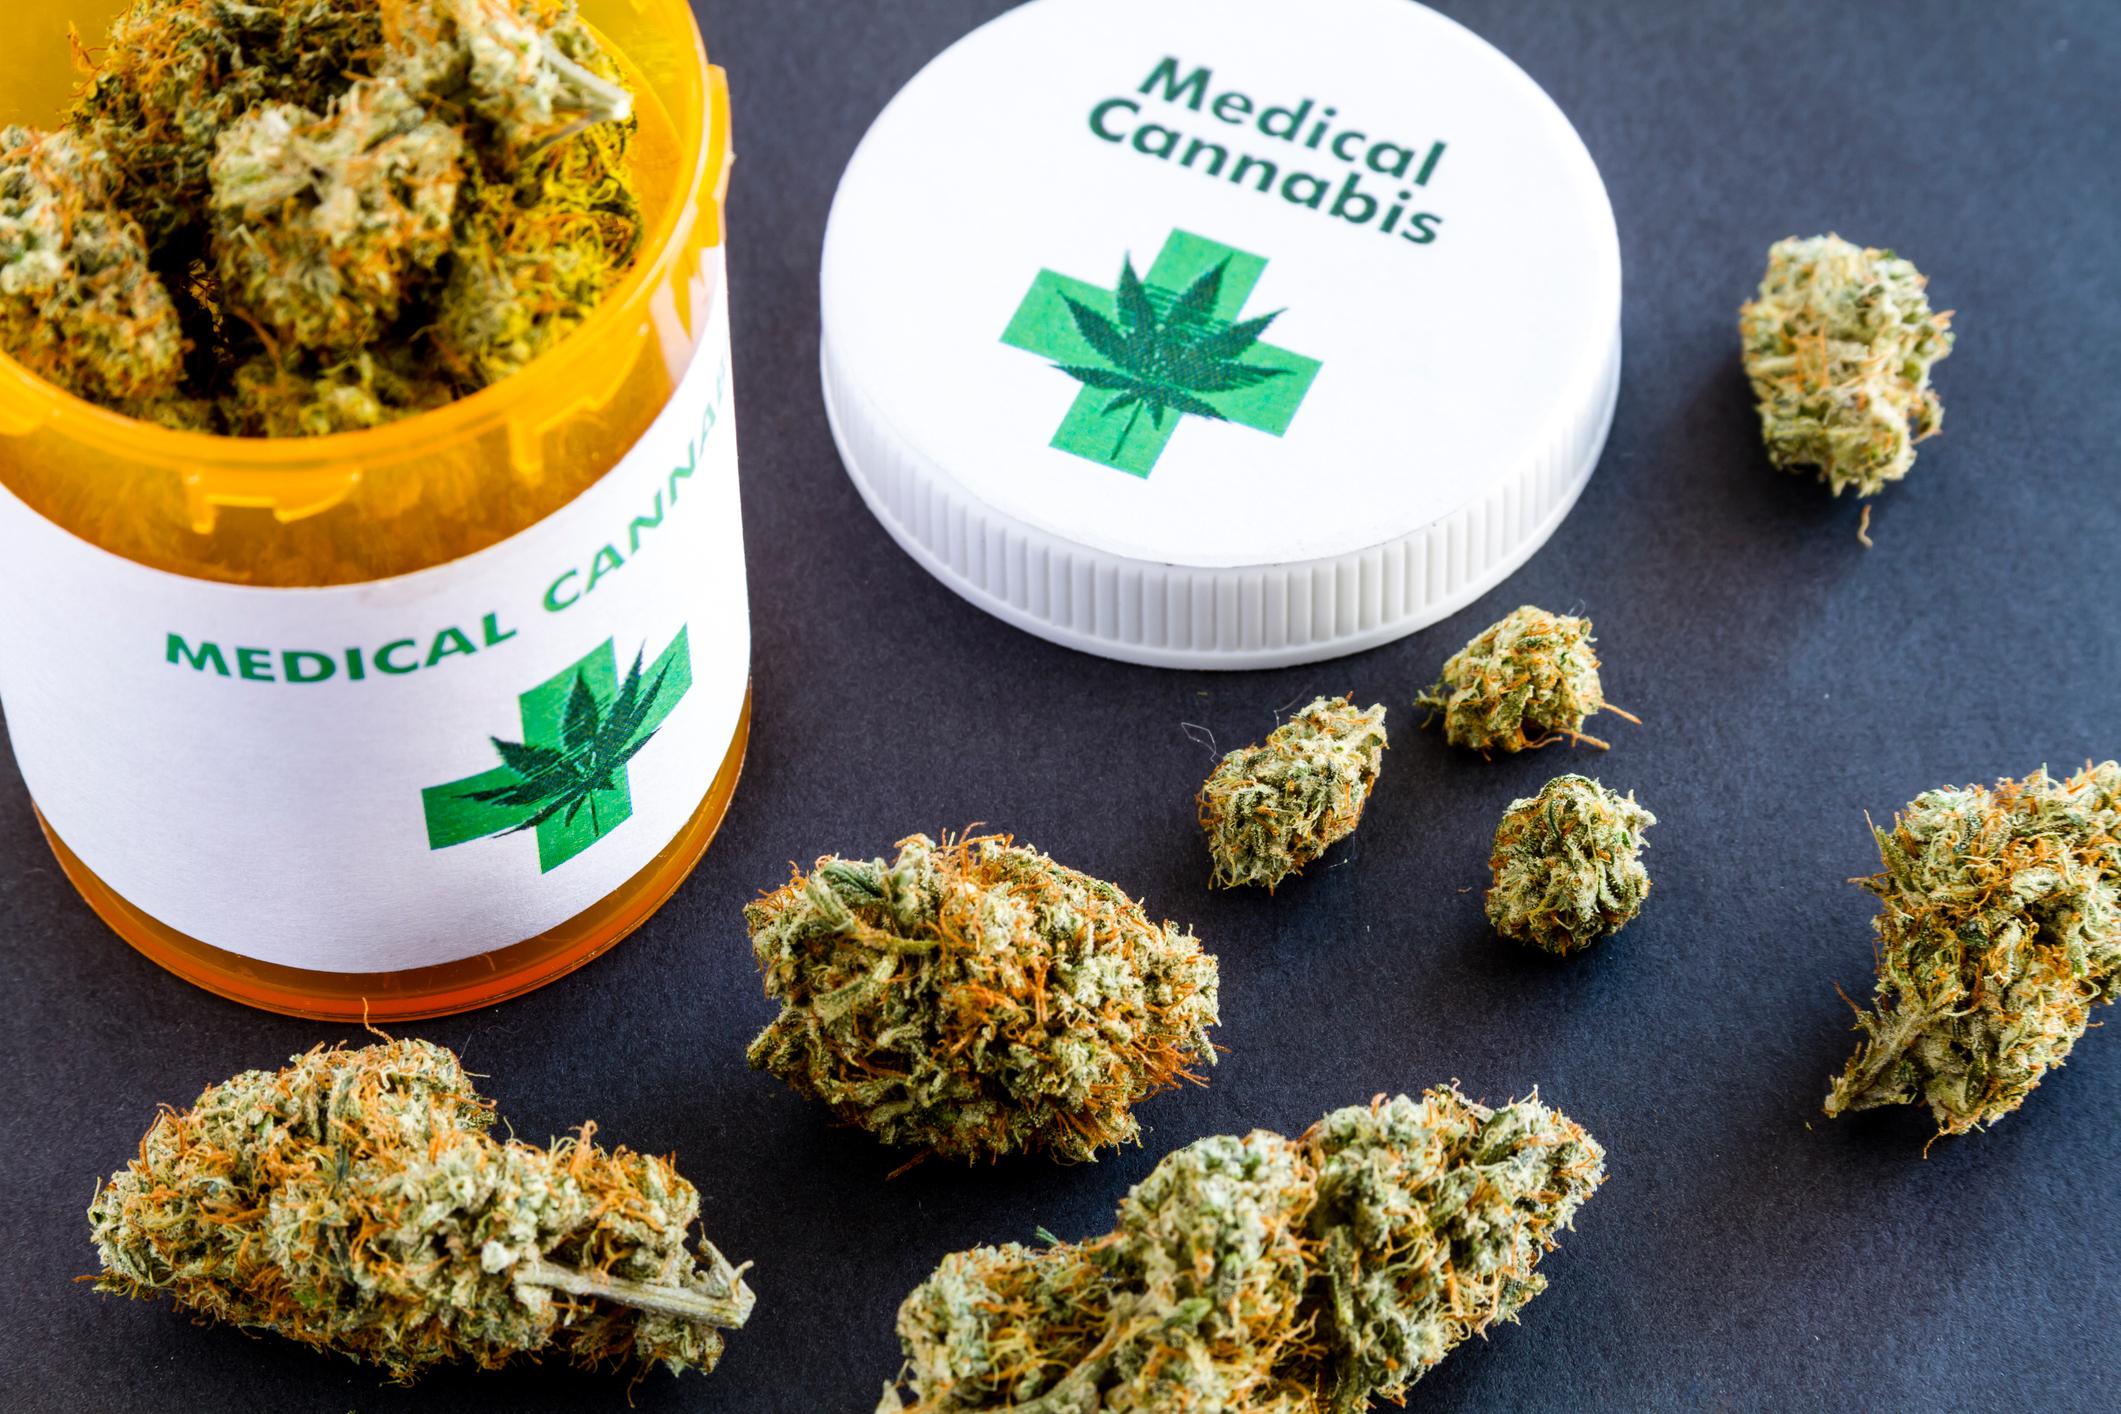 Le cannabis médical, entre bienfaits thérapeutiques et économiques